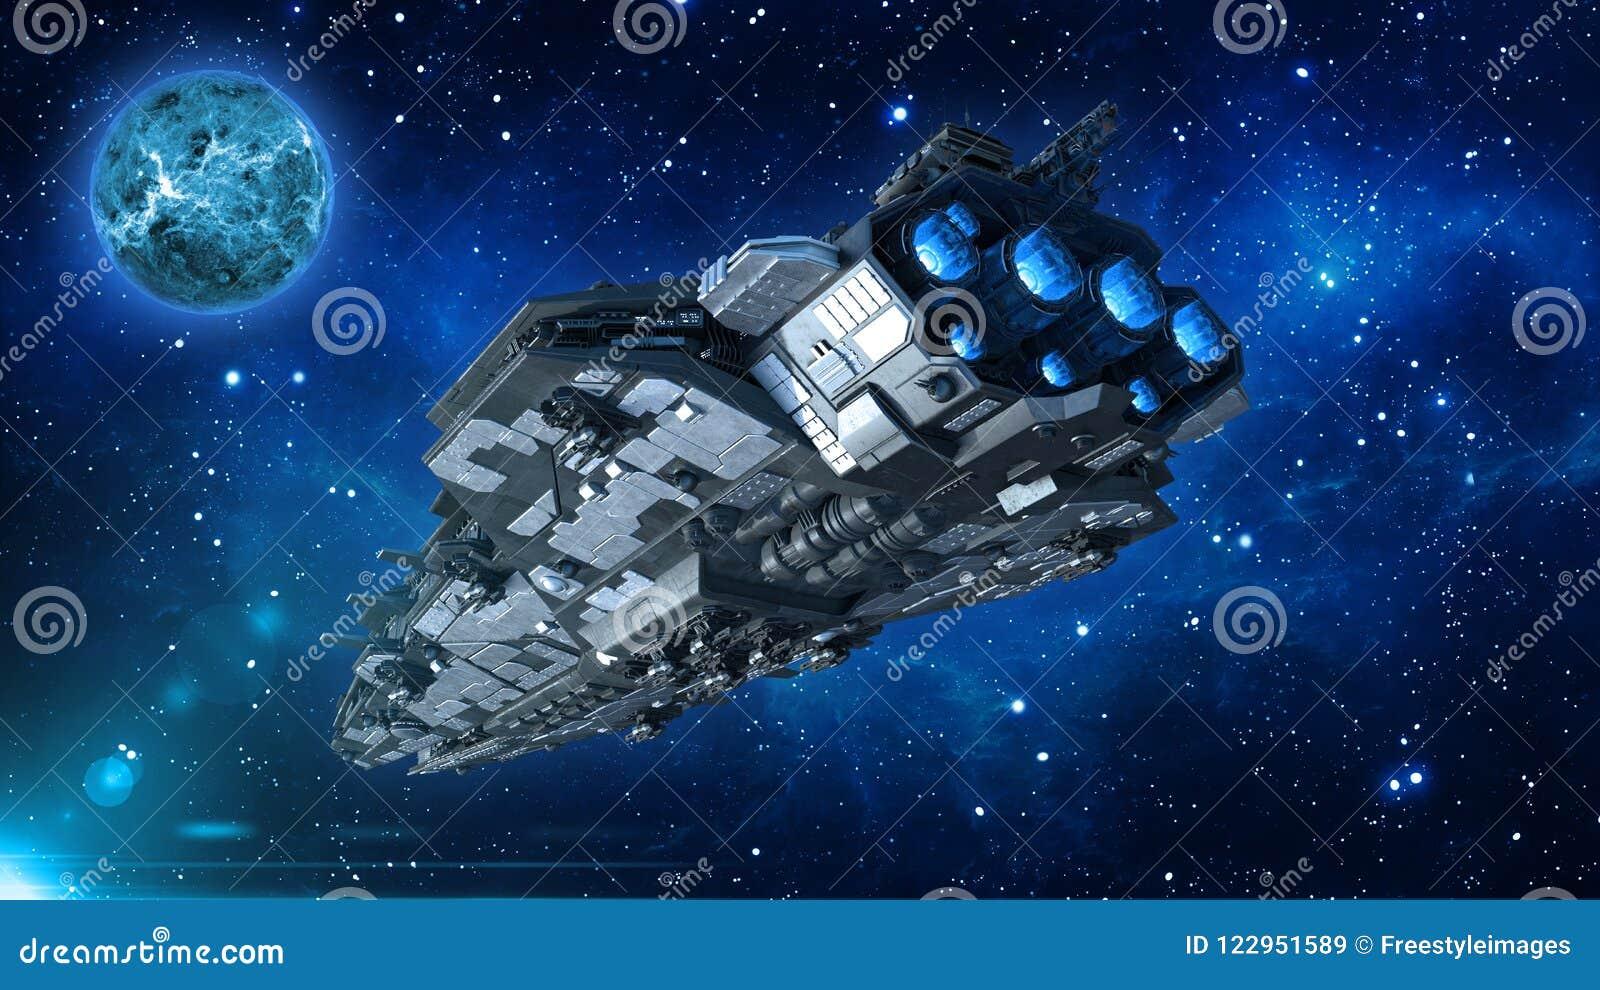 Αλλοδαπό διαστημόπλοιο στον κόσμο, το διαστημικό σκάφος που πετούν στο βαθύ διάστημα με τον πλανήτη και τα αστέρια στο υπόβαθρο,